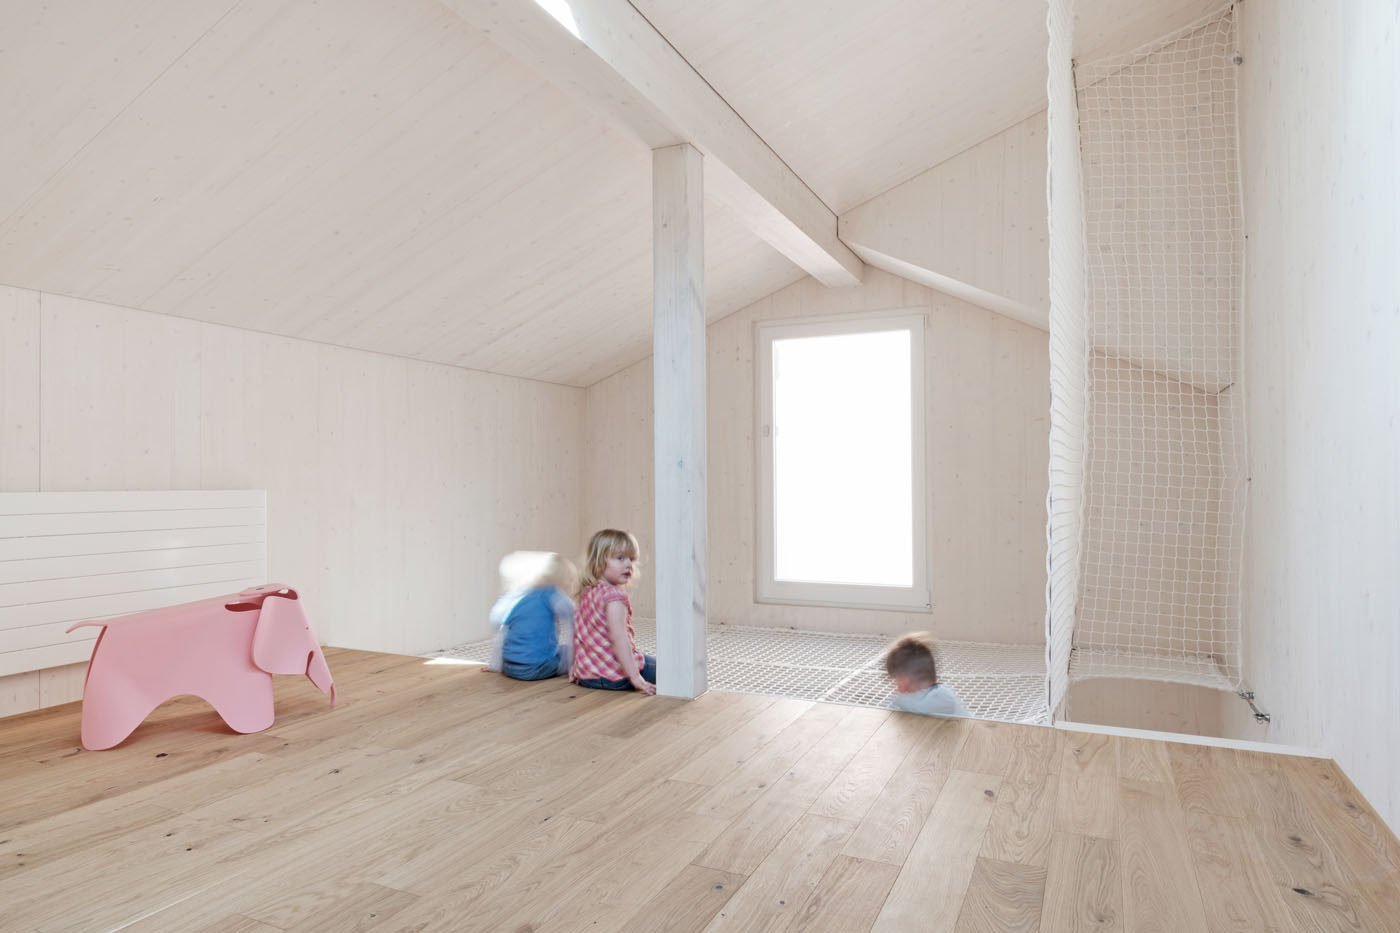 buan architekten – Umbau Bernstrasse Luzern – Innenansicht Kinderzimmer